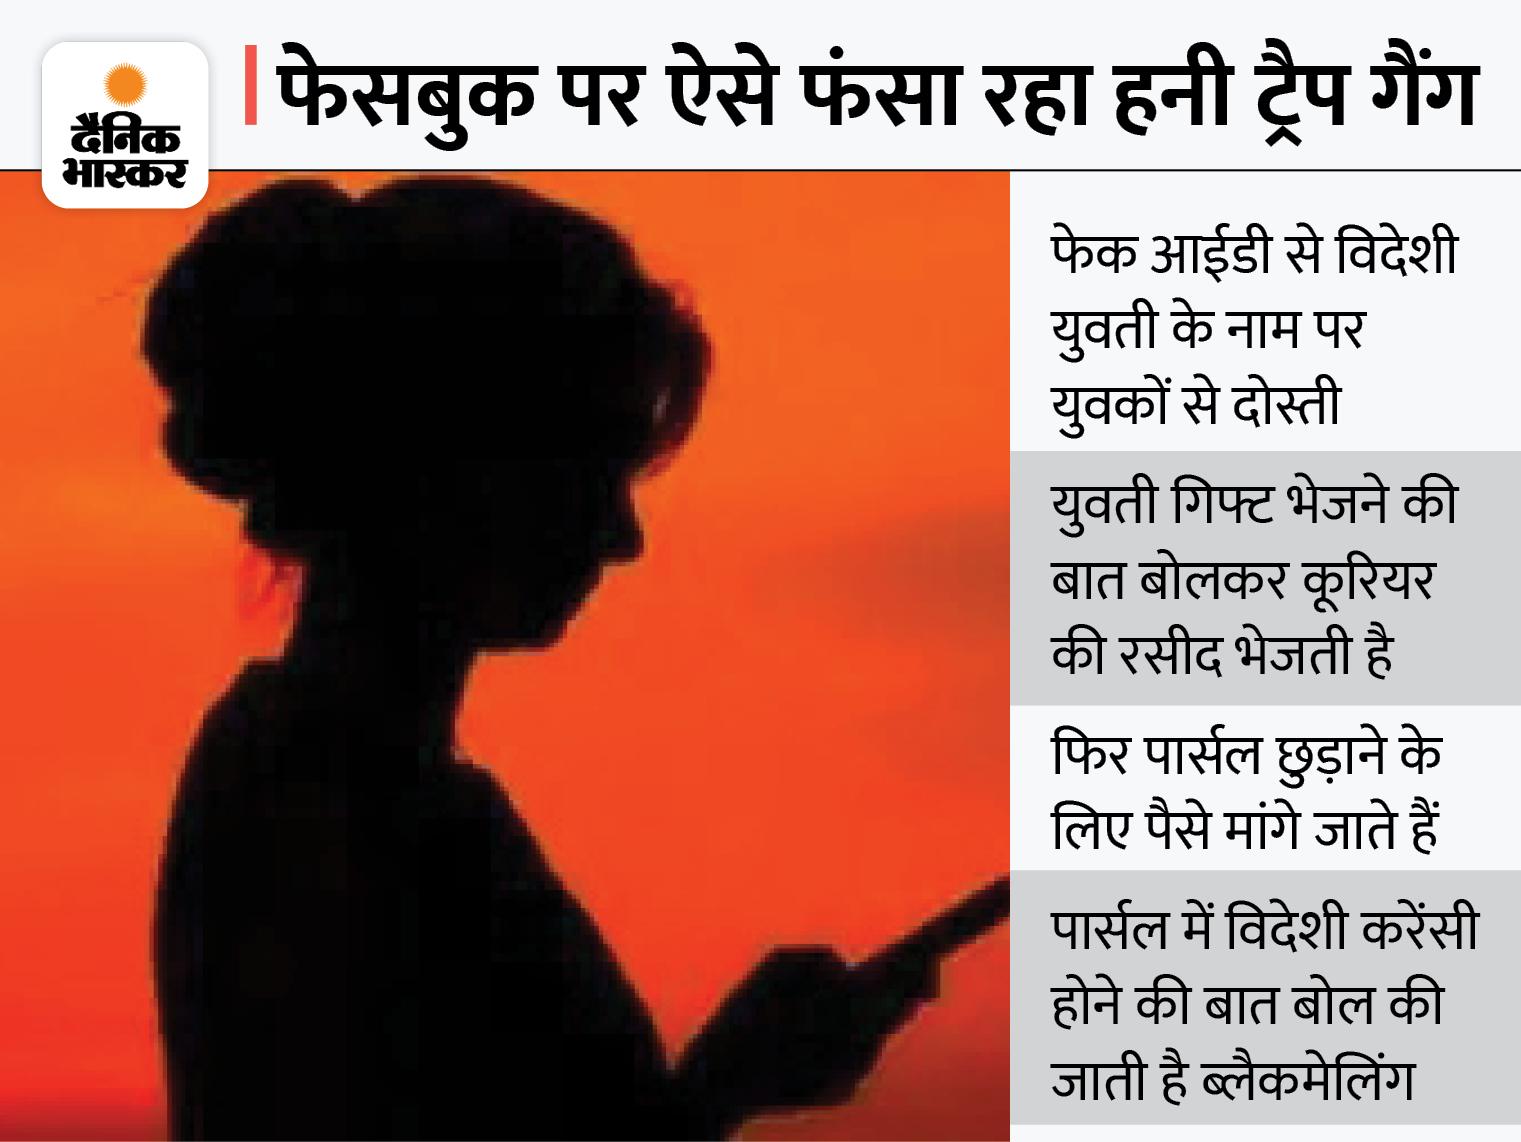 विदेशी लड़की ने फेक आईडी बना पहले FB पर बातें की; फिर गिफ्ट के नाम पर 35 हजार रुपए पार्सल फीस ली और शुरू हो गई ब्लैकमेलिंग बठिंडा,Bathinda - Dainik Bhaskar